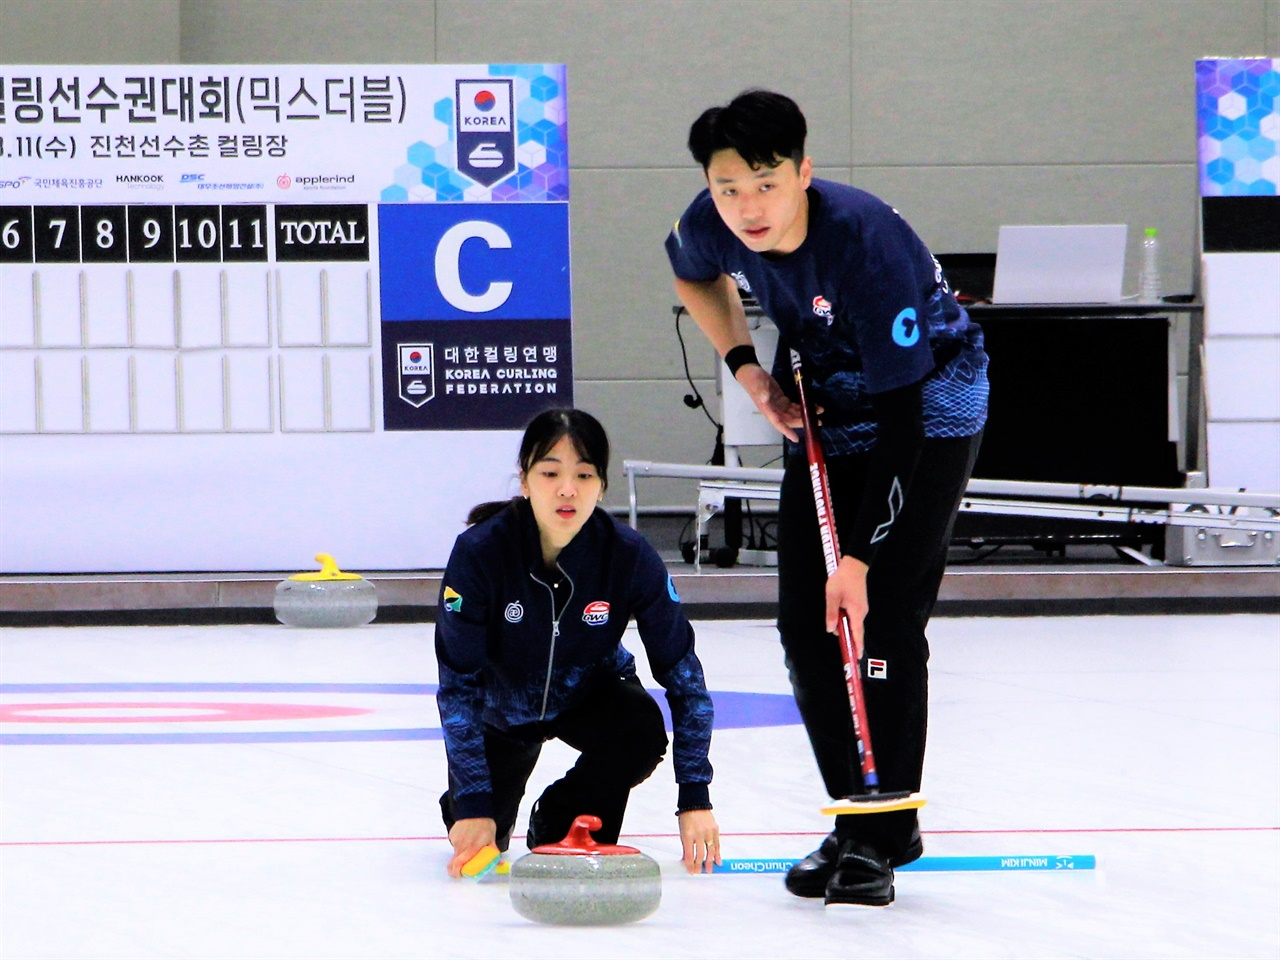 2021 KB금융 한국컬링선수권대회 믹스더블 대회에서 김민지 - 이기정 선수가 스톤을 투구하고 있다.